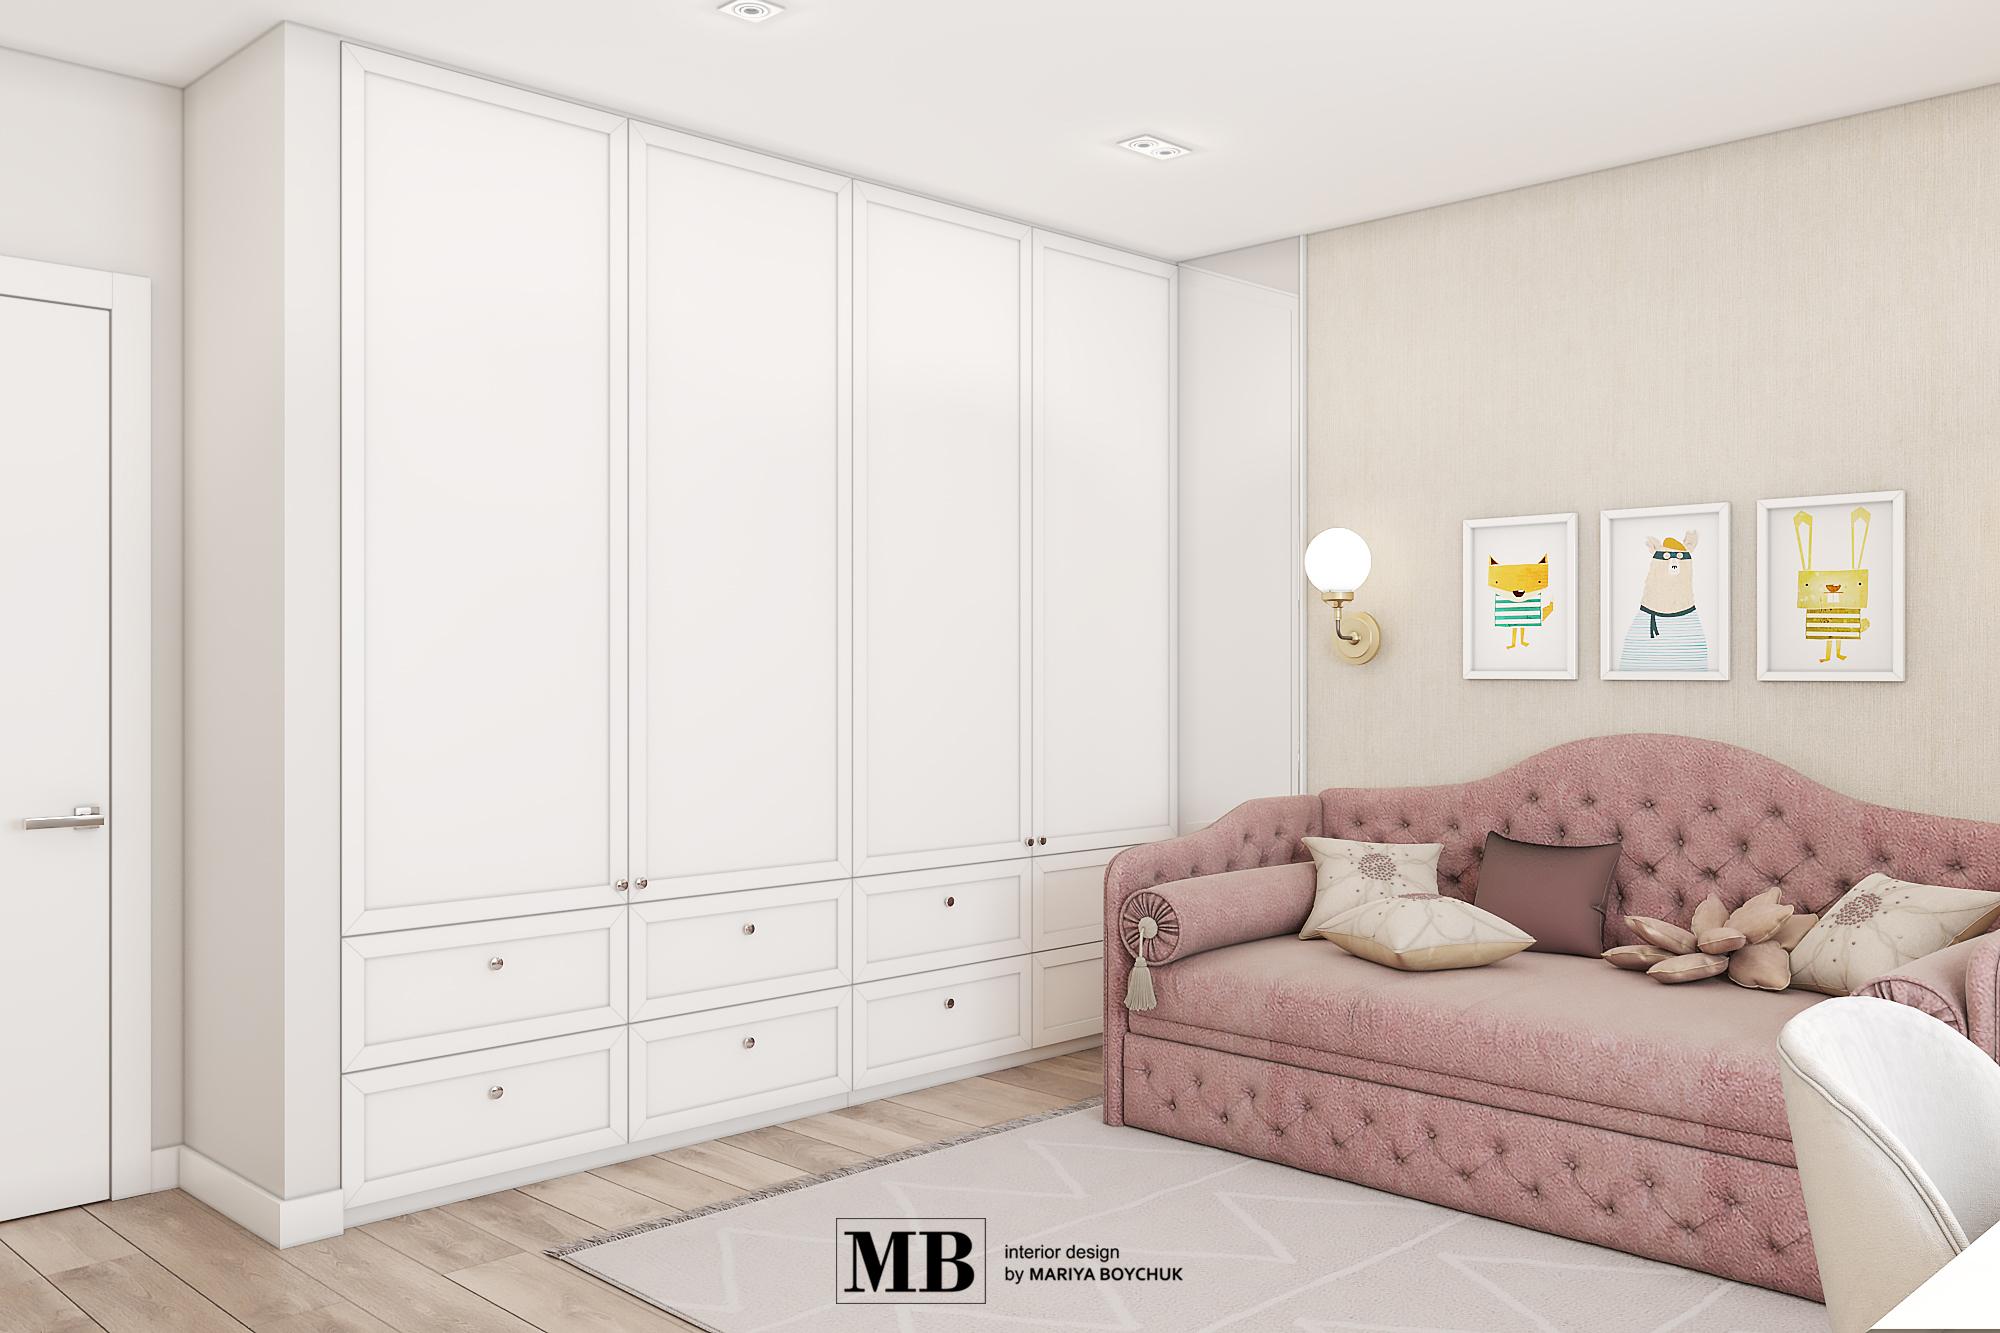 дизайн интерьера квартиры в г. Калининград